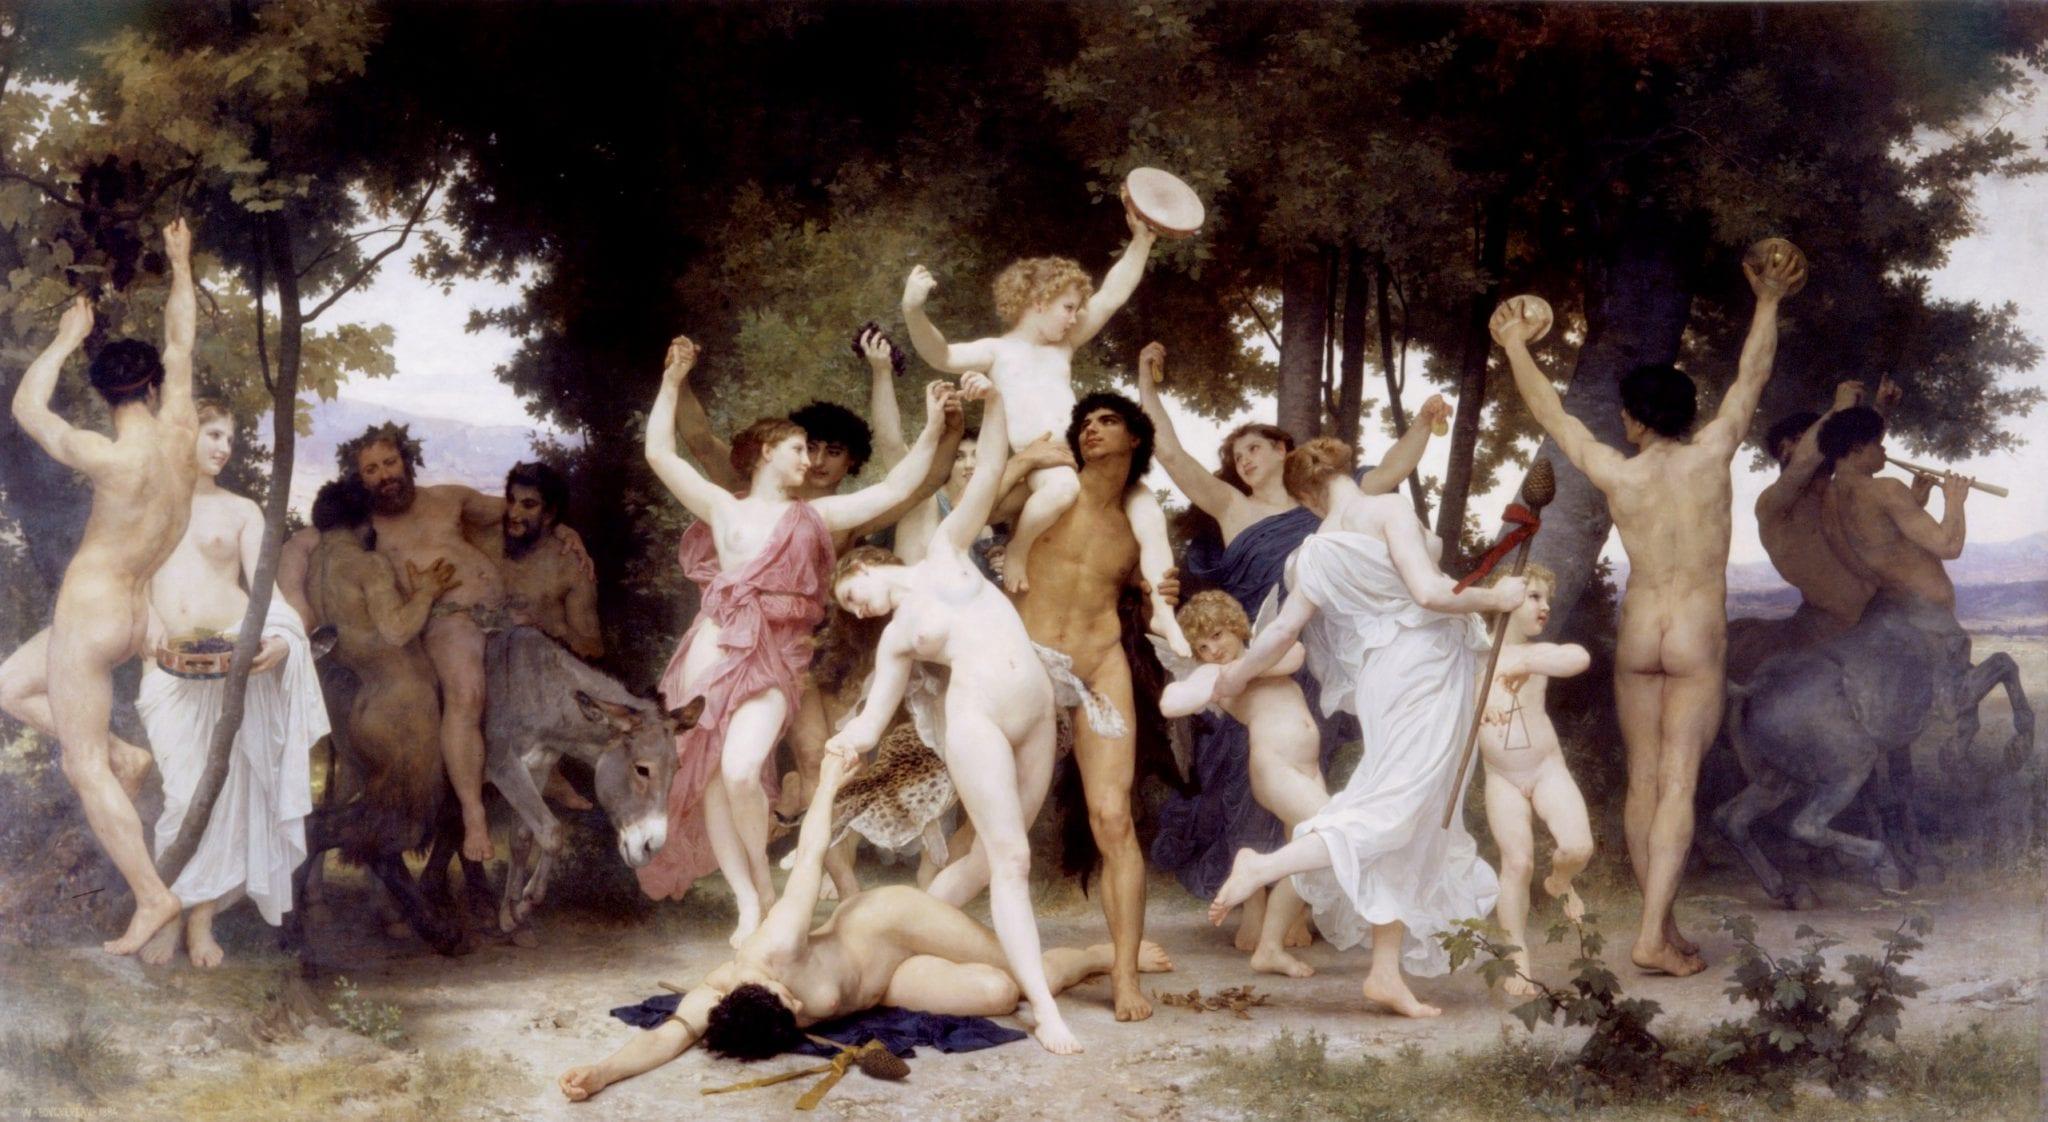 Da Sotheby's a maggio, un monumentale Bouguereau stima 25/35 milioni $